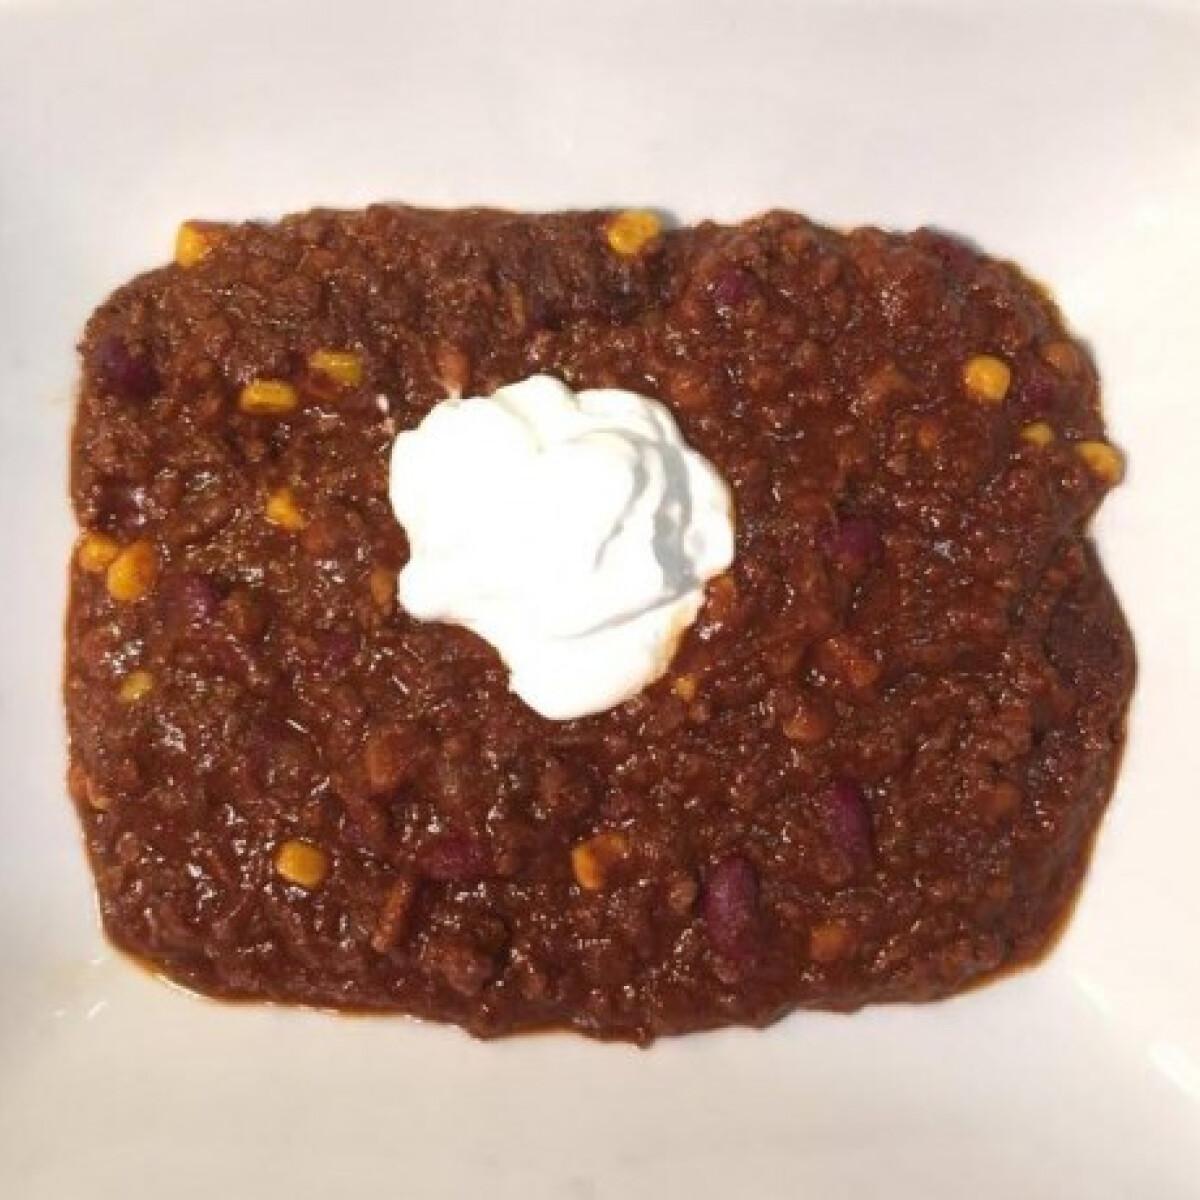 Ezen a képen: Chili con carne O'Brien konyhájából